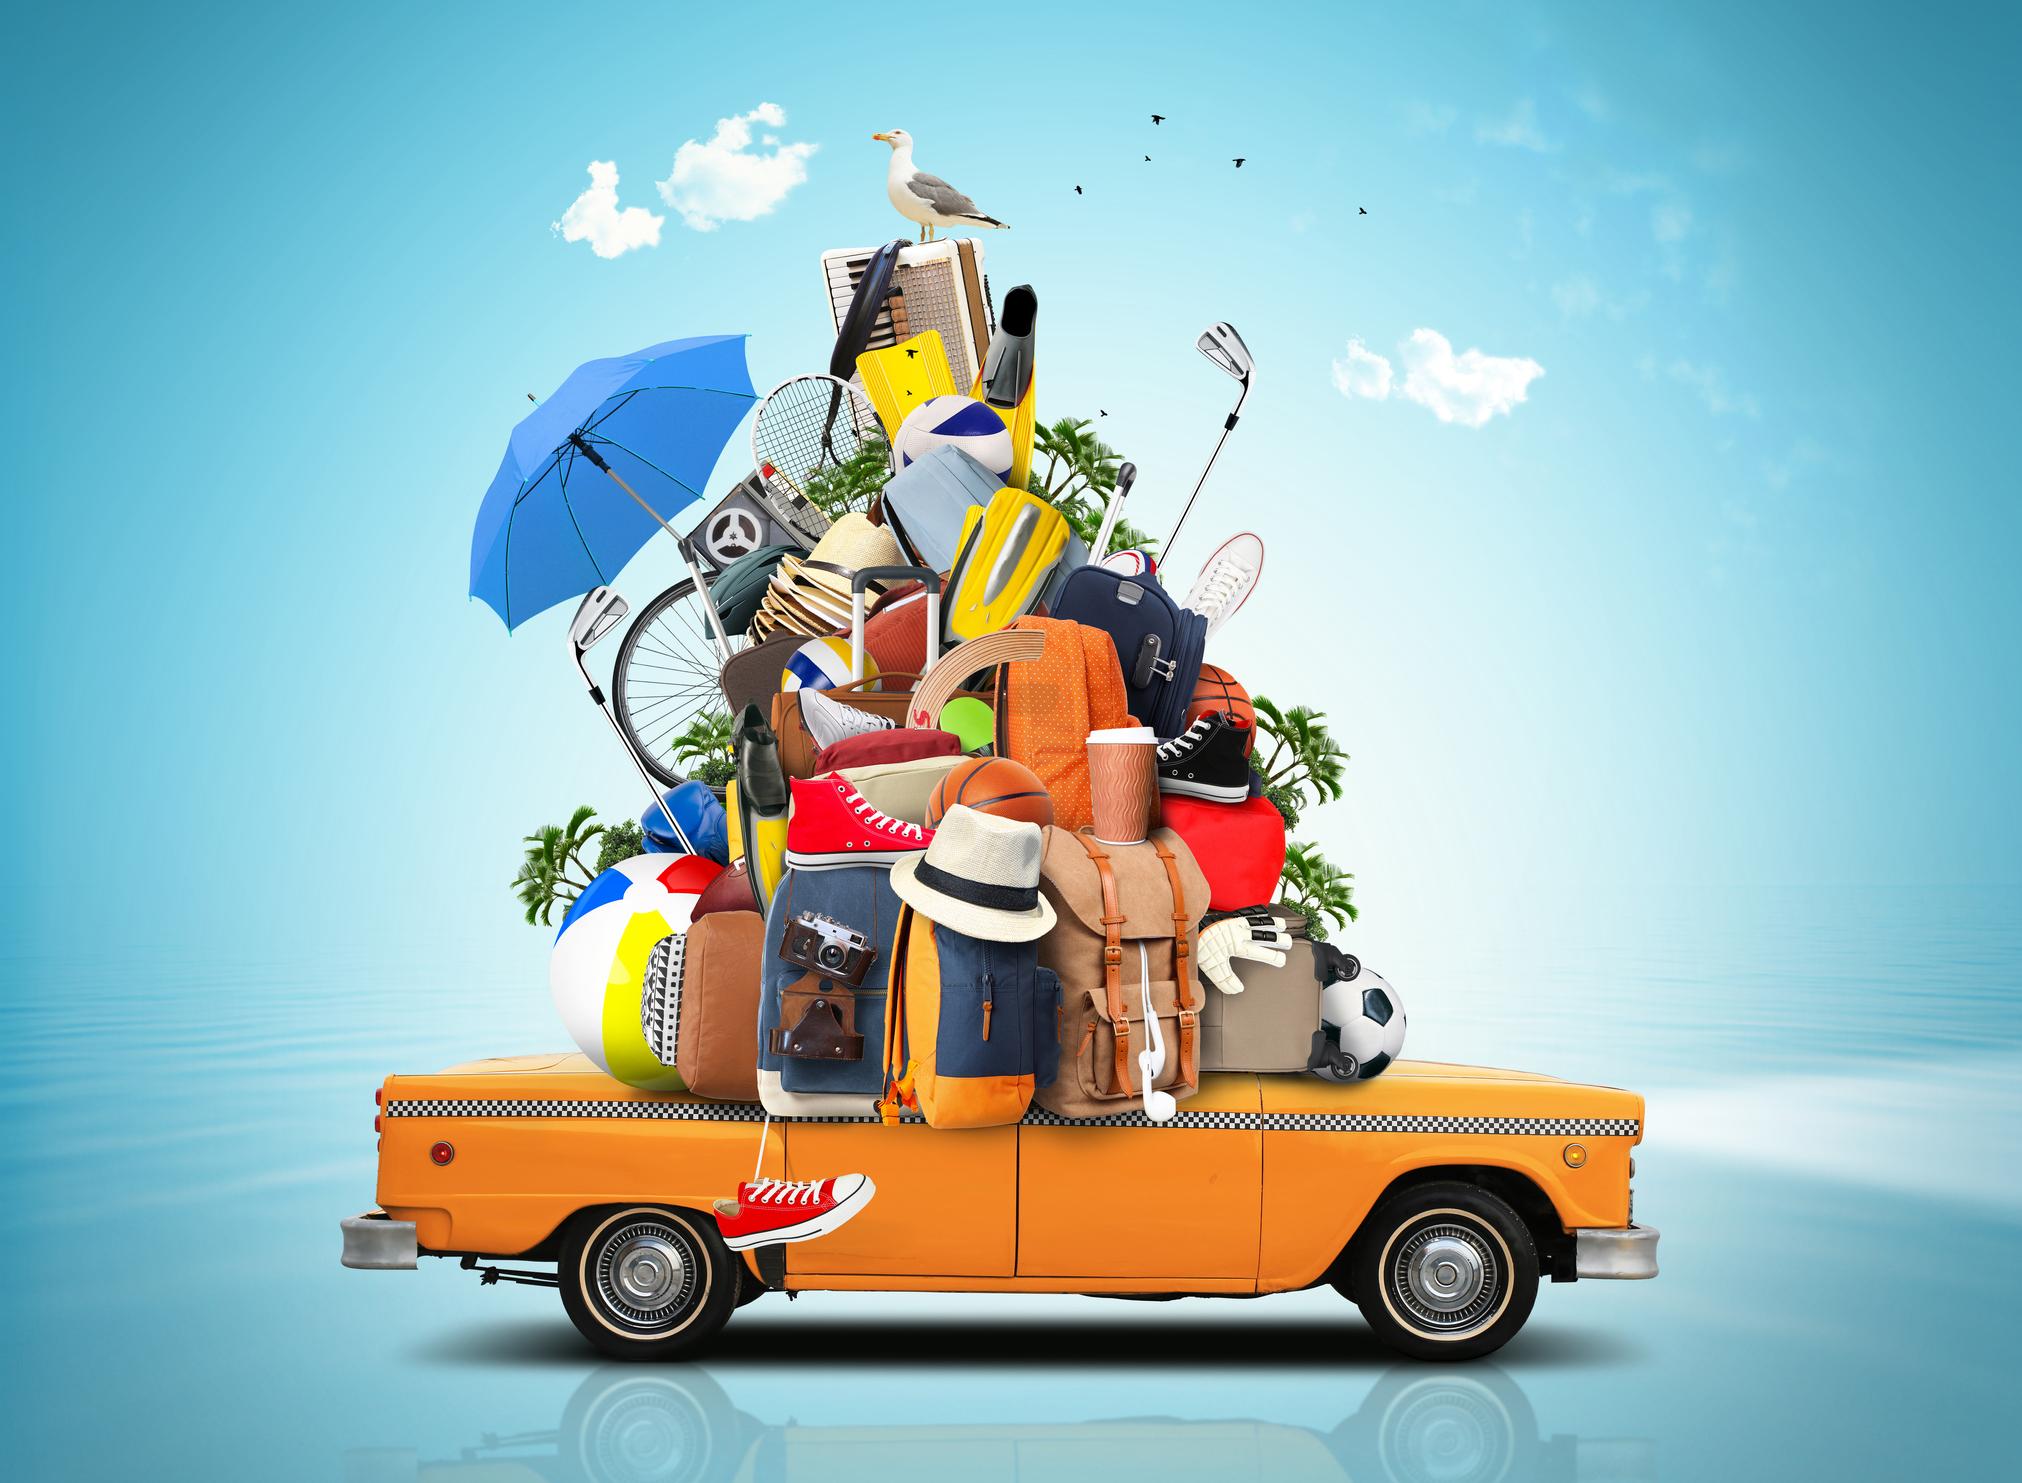 """O AutoPapo preparou uma listinha do que conferir na """"revisão de férias do seu carro"""". Mas vale o alerta: na verdade, a mecânica do seu automóvel deve estar sempre em dia!"""